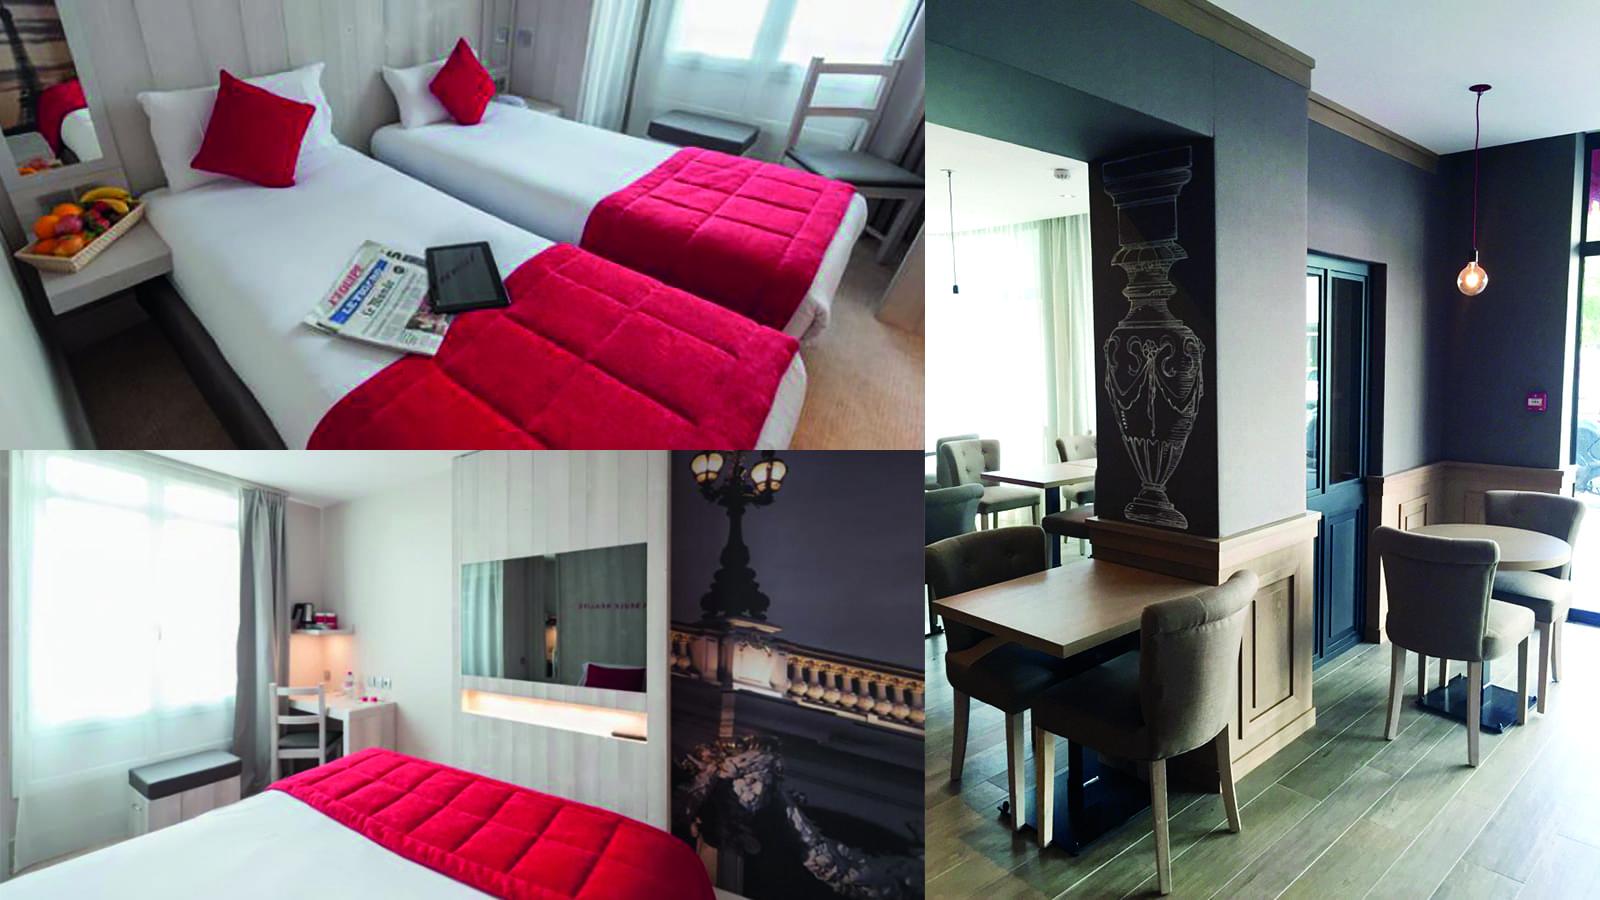 EFI Design Hotel Le 209 Paris Efi Design (8) 1188